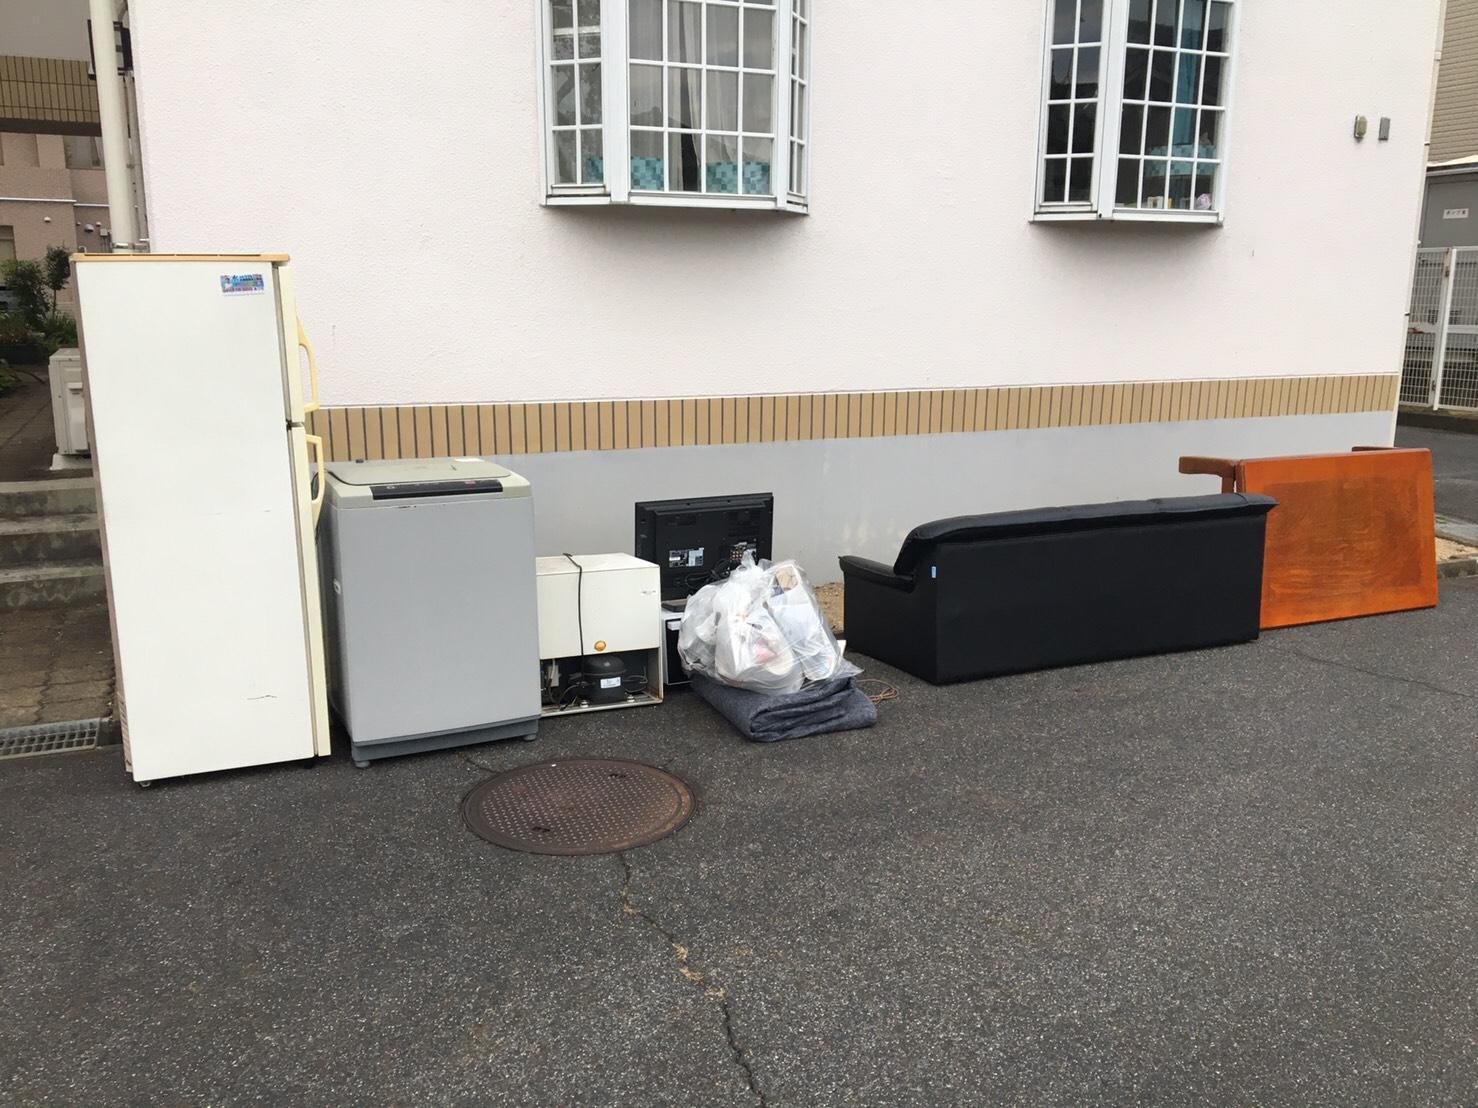 ソファ、テーブル、洗濯機、冷蔵庫、テレビ、電子レンジの回収前